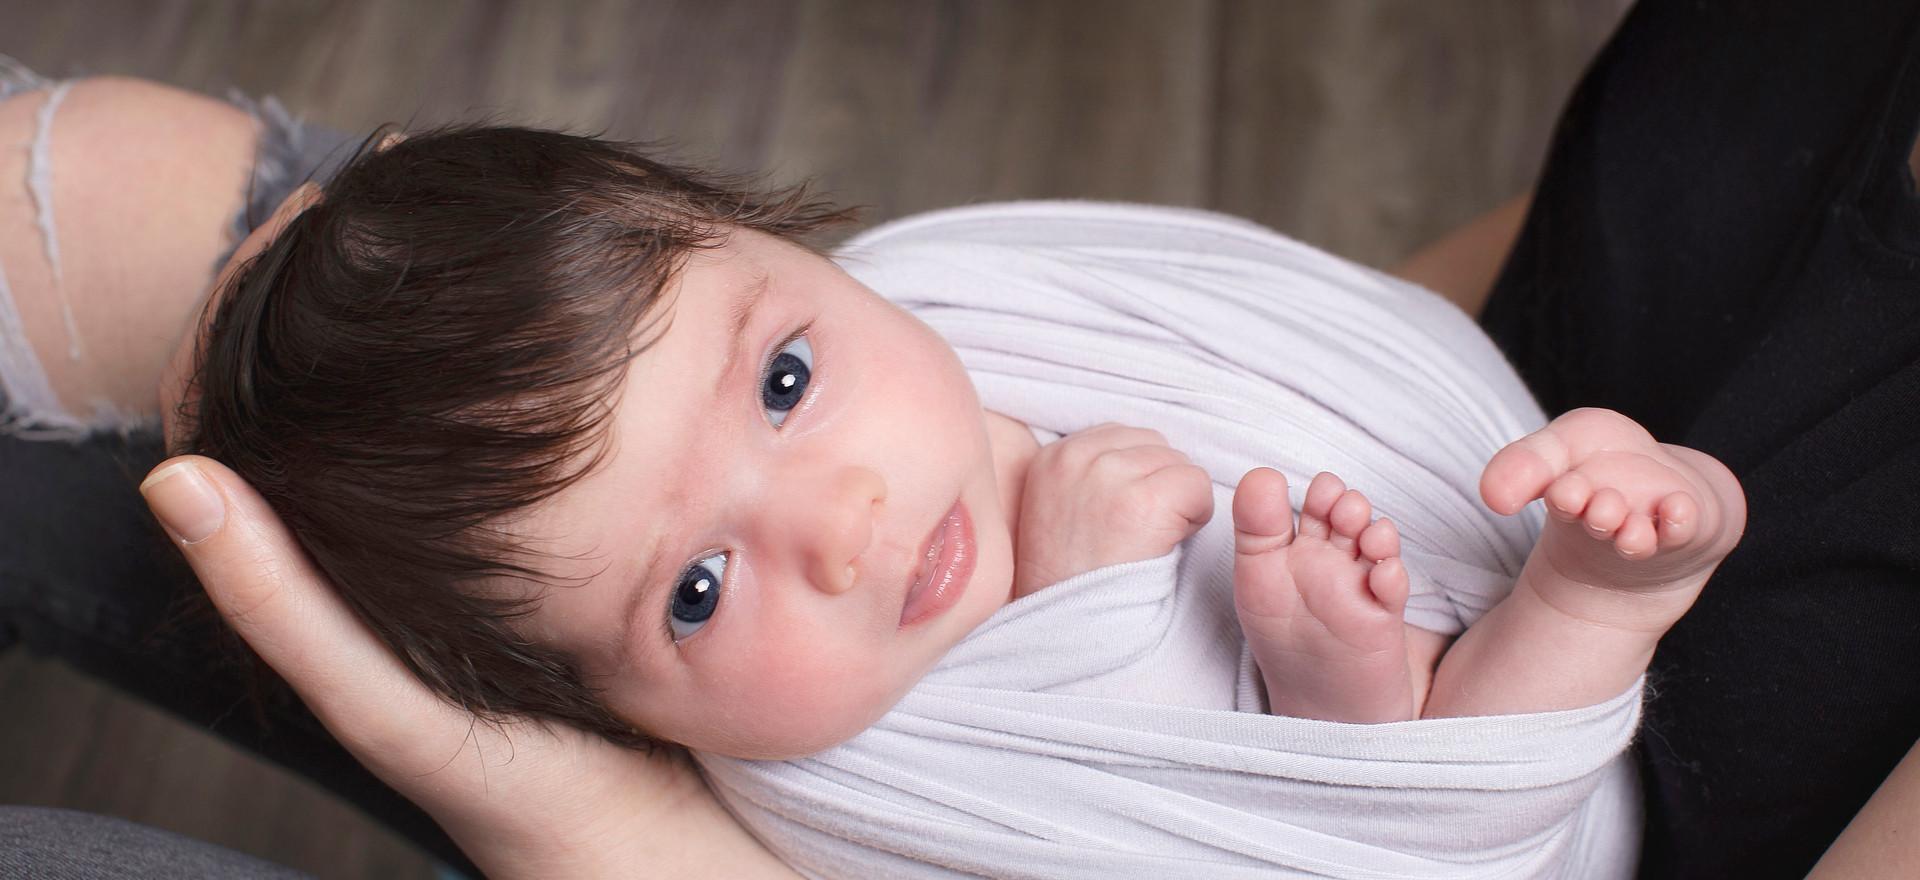 Newborn photoshoot newcastle